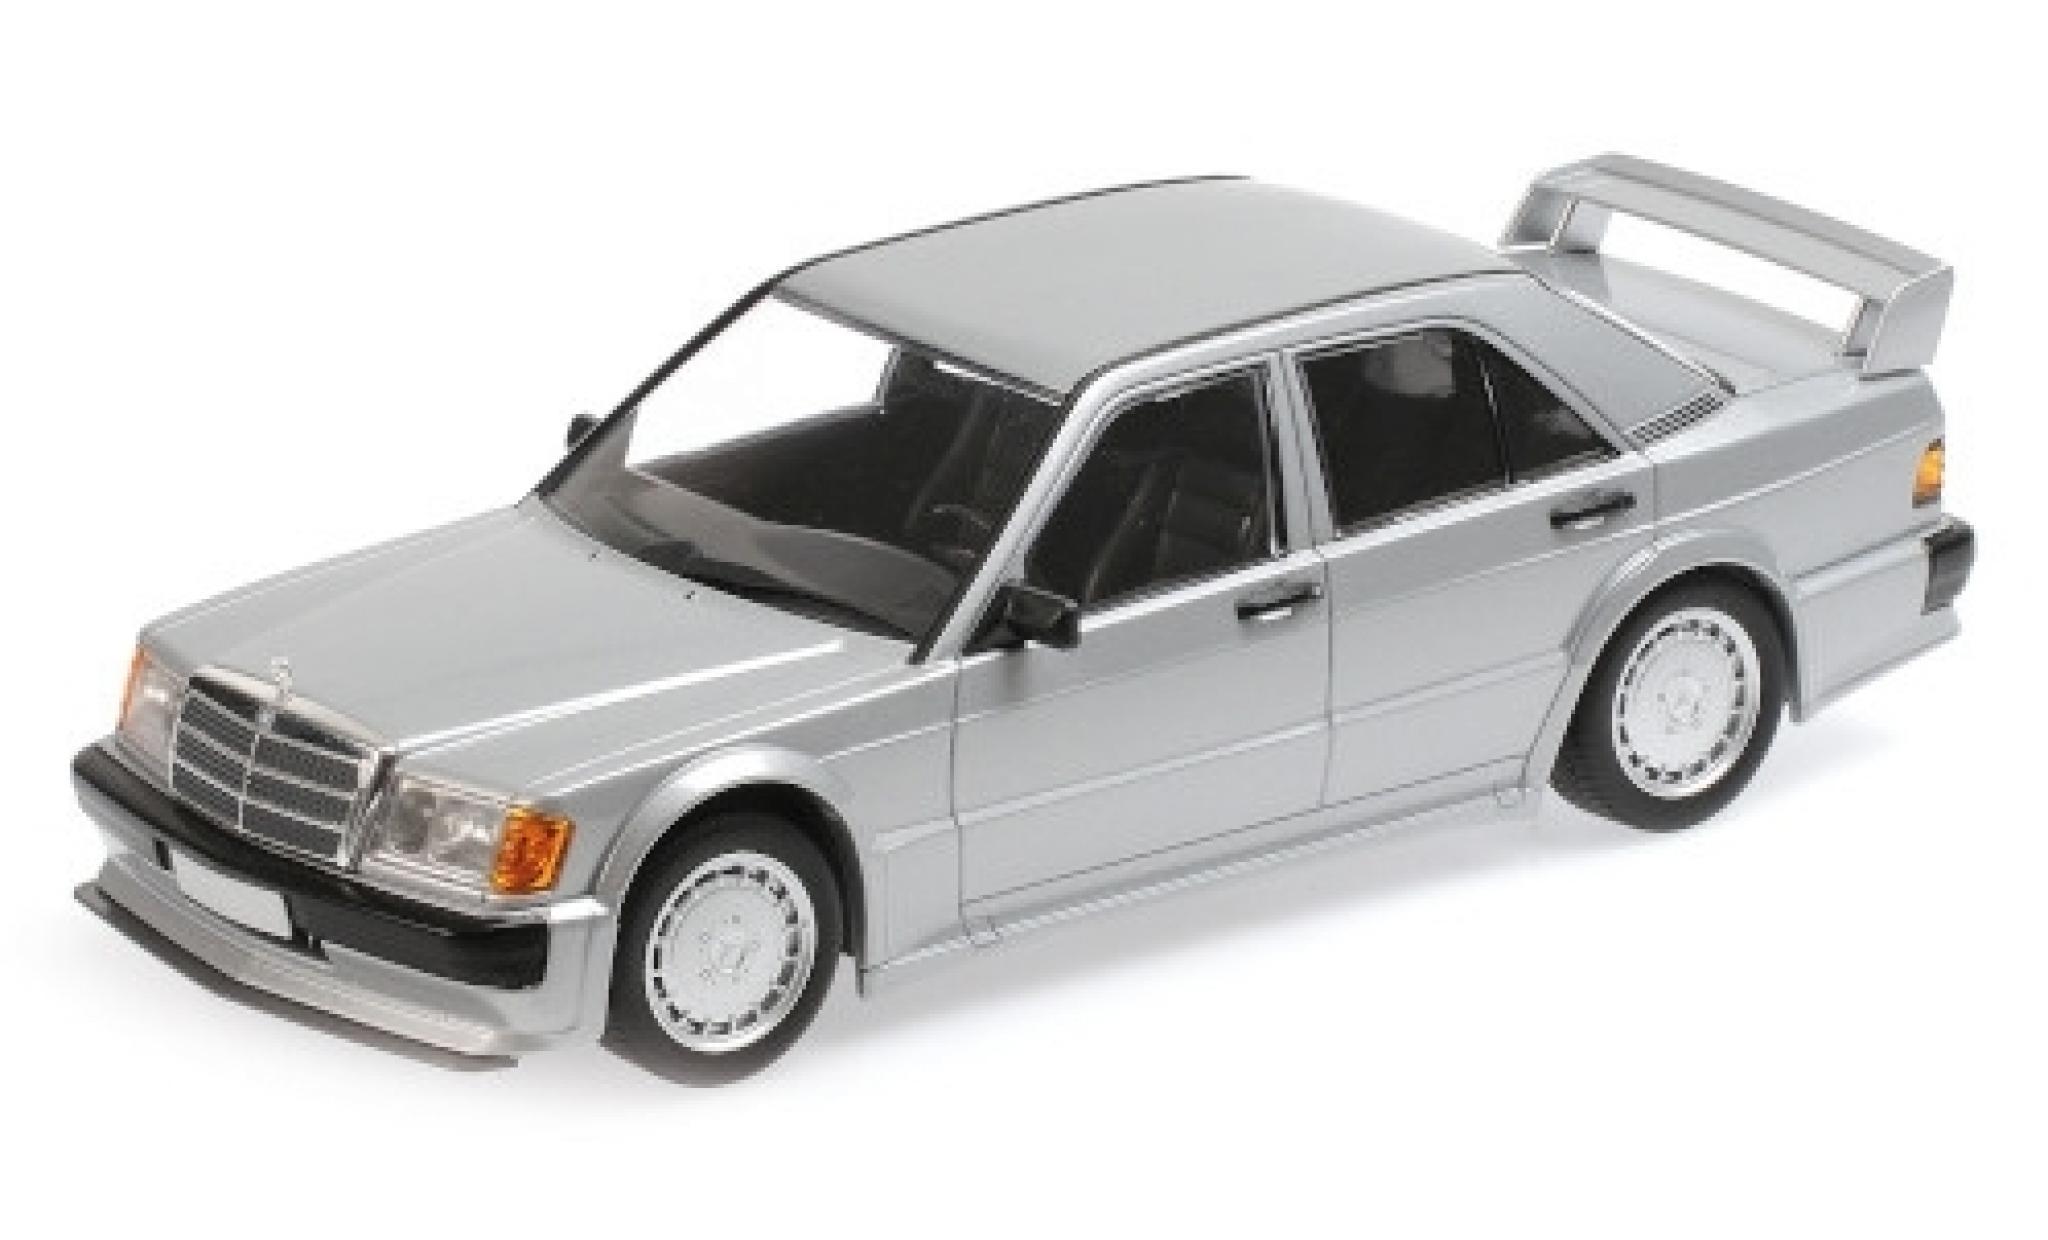 Mercedes 190 1/18 Minichamps E 2.5-16 Evo 1 (W201) grise 1989